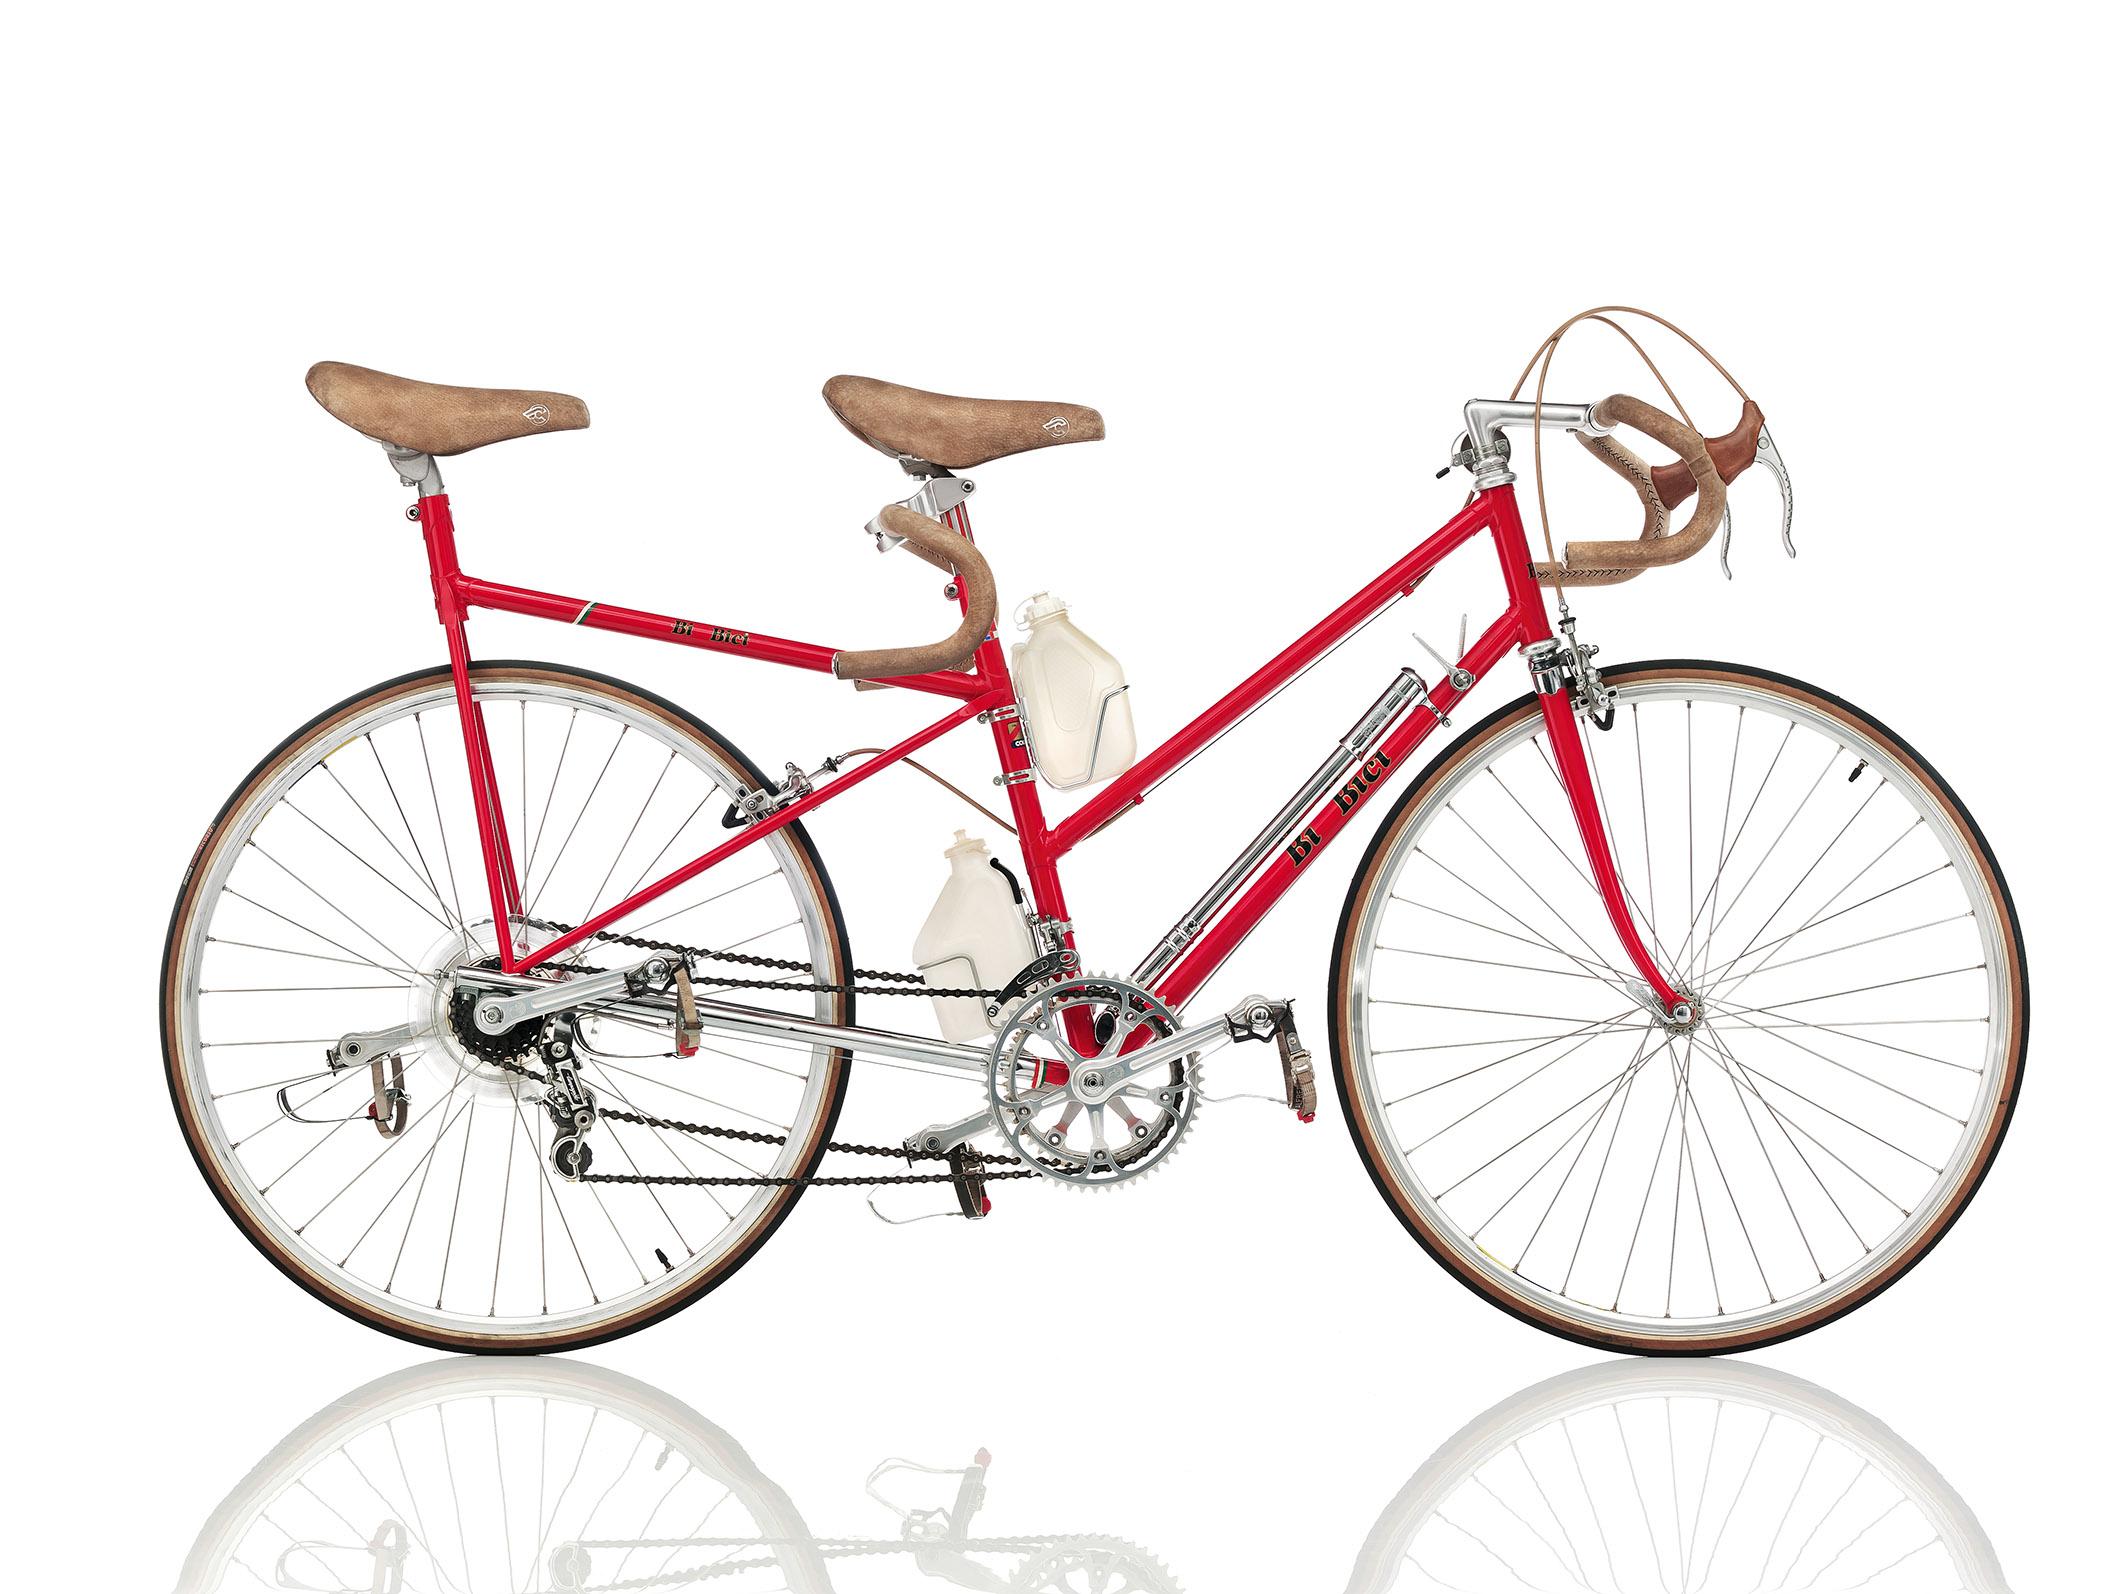 Tur Meccanica Bi Bici, ein seltenes Renntandem mit kurzem Radstand aus Italien ©  Bernhard Angerer